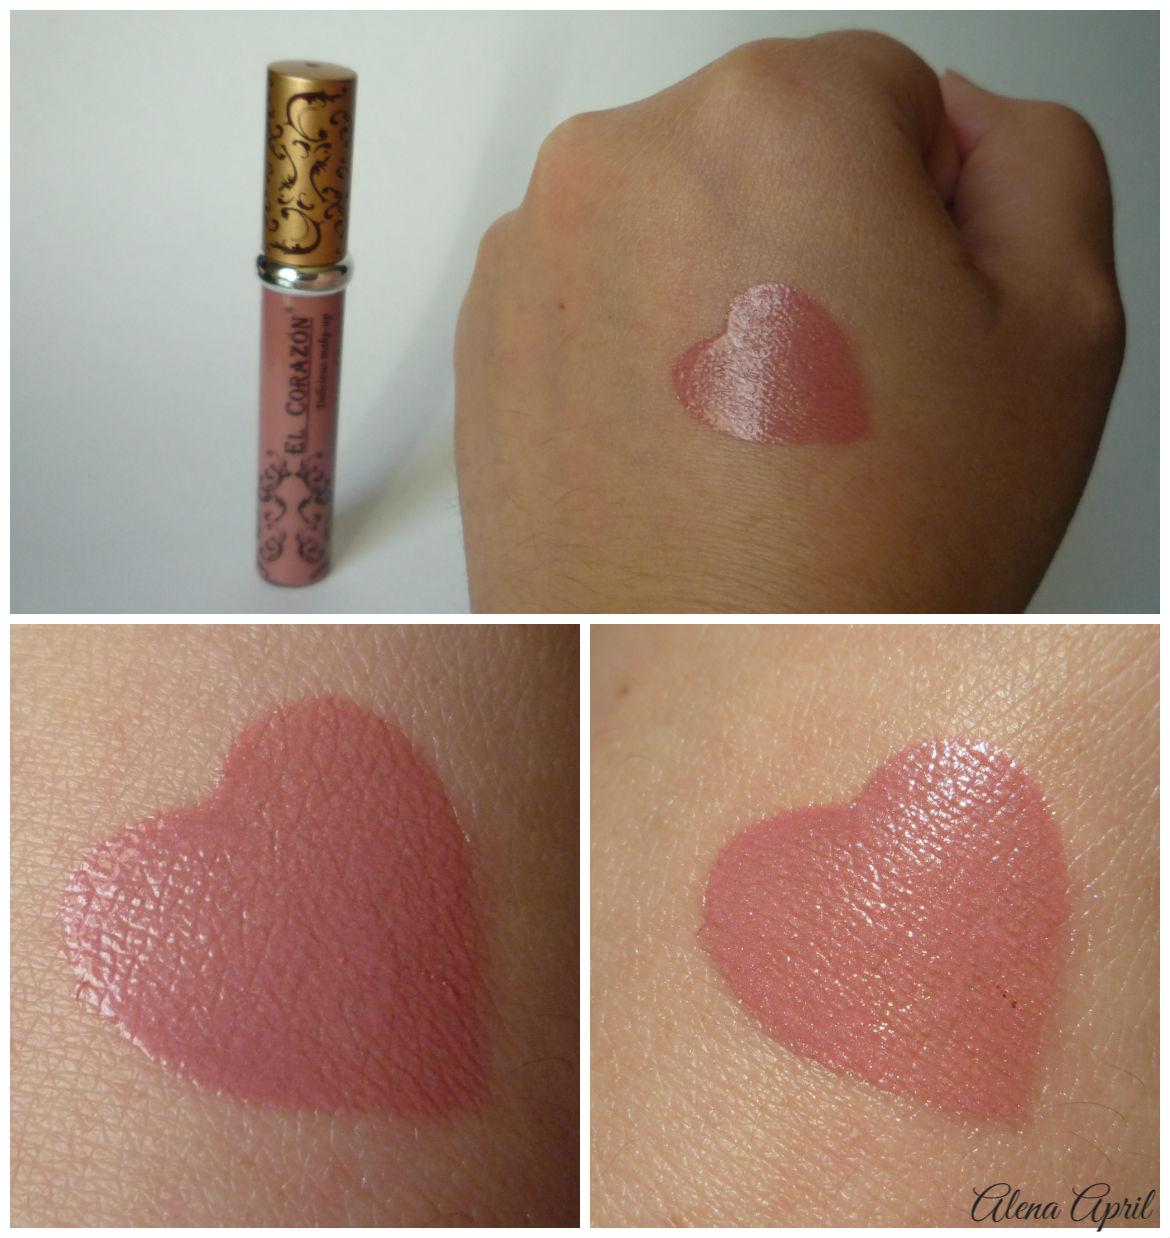 Стойкая жидкая помада Volume Liquid lipstick El Corazon в оттенке #211, свотчи